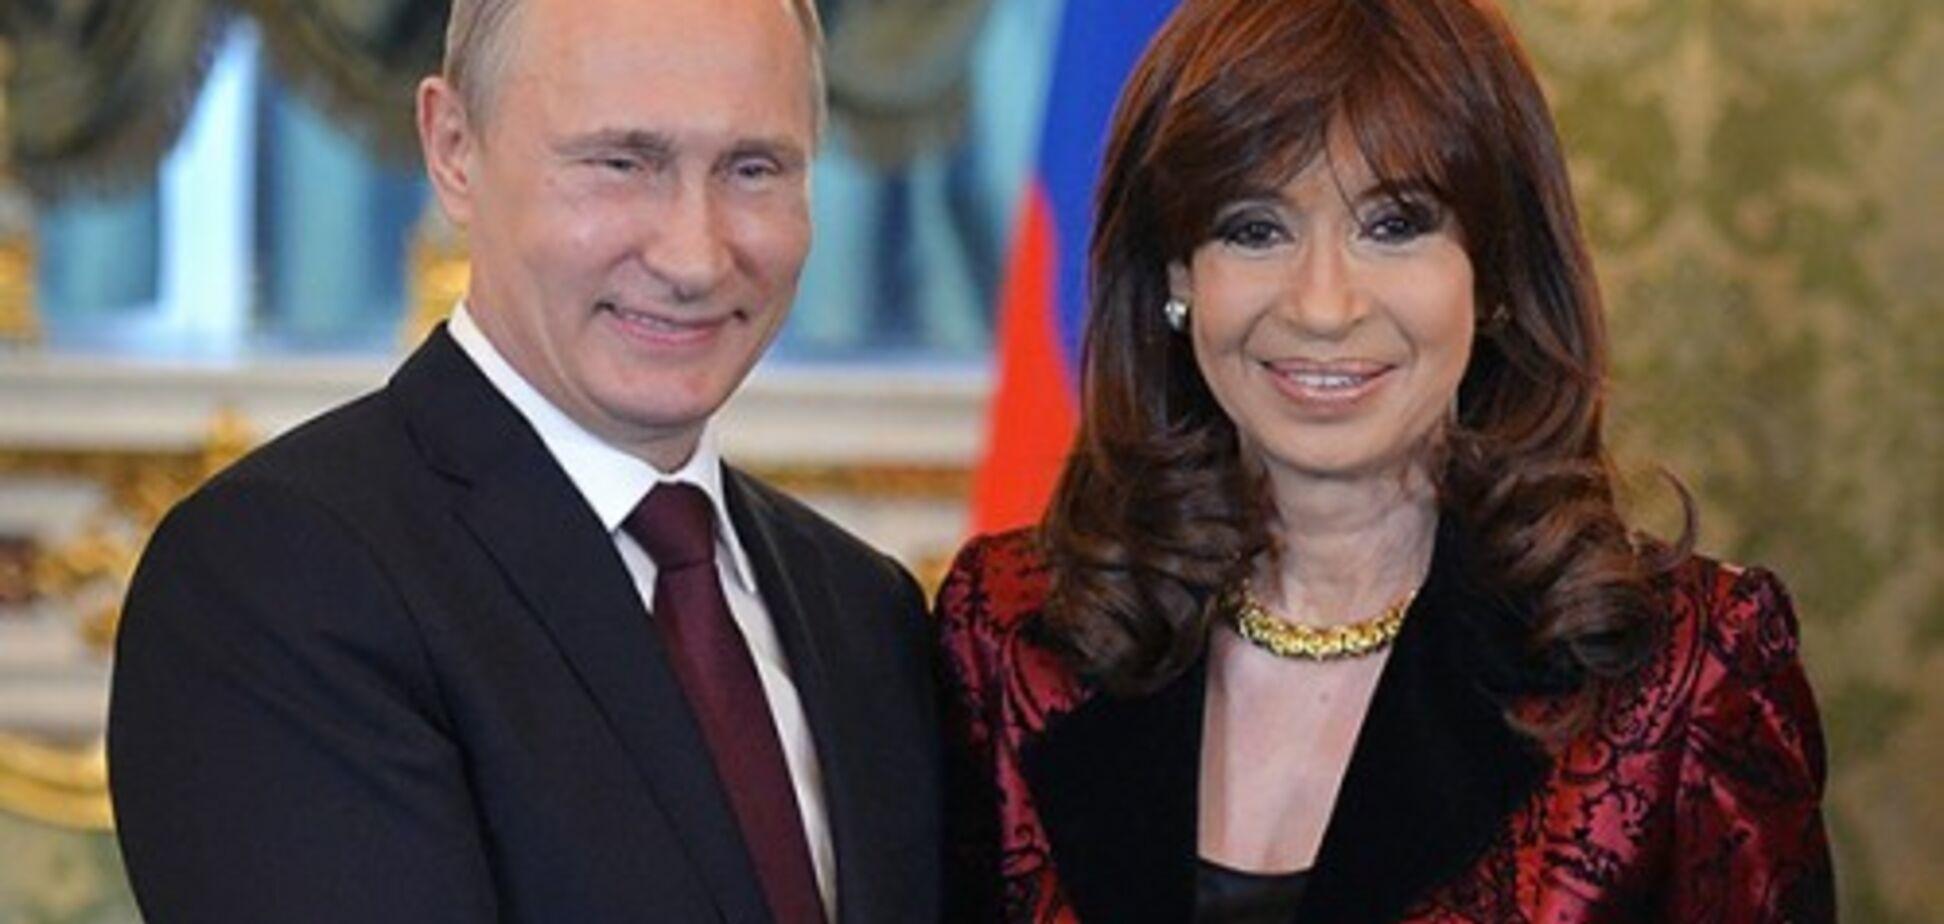 Окружение Путина скупает ворованное по всему миру?